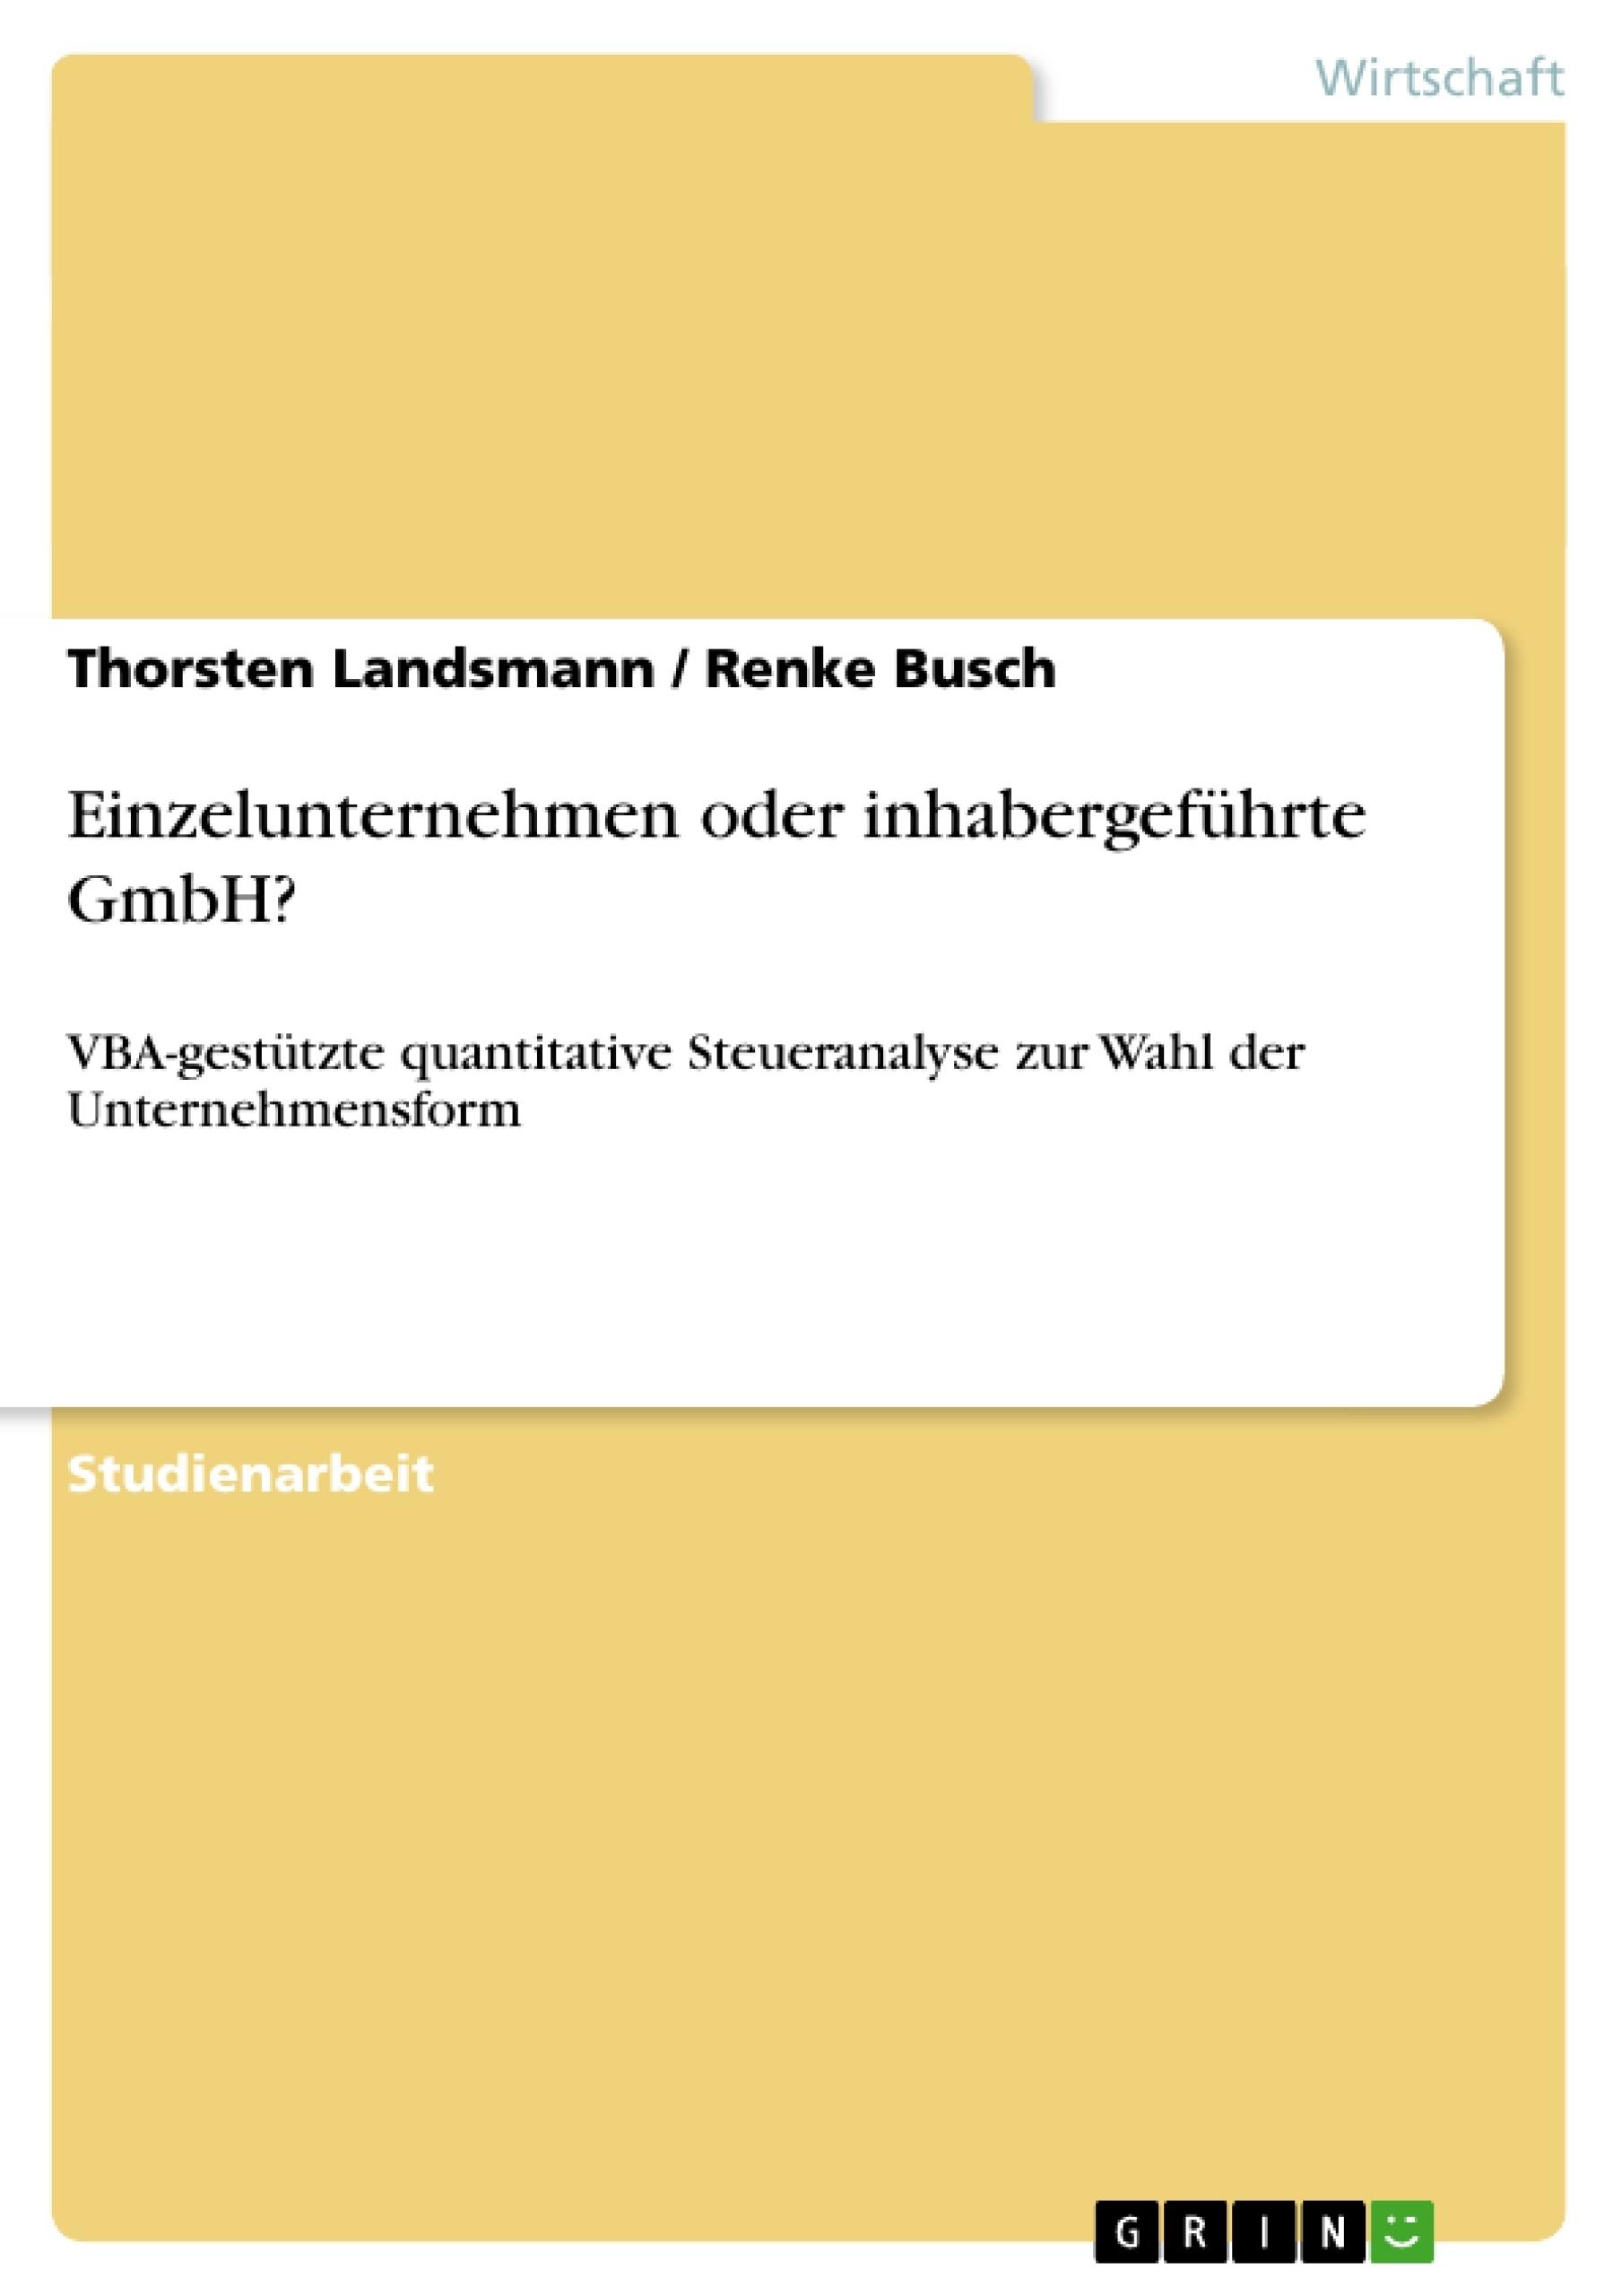 Titel: Einzelunternehmen oder inhabergeführte GmbH?